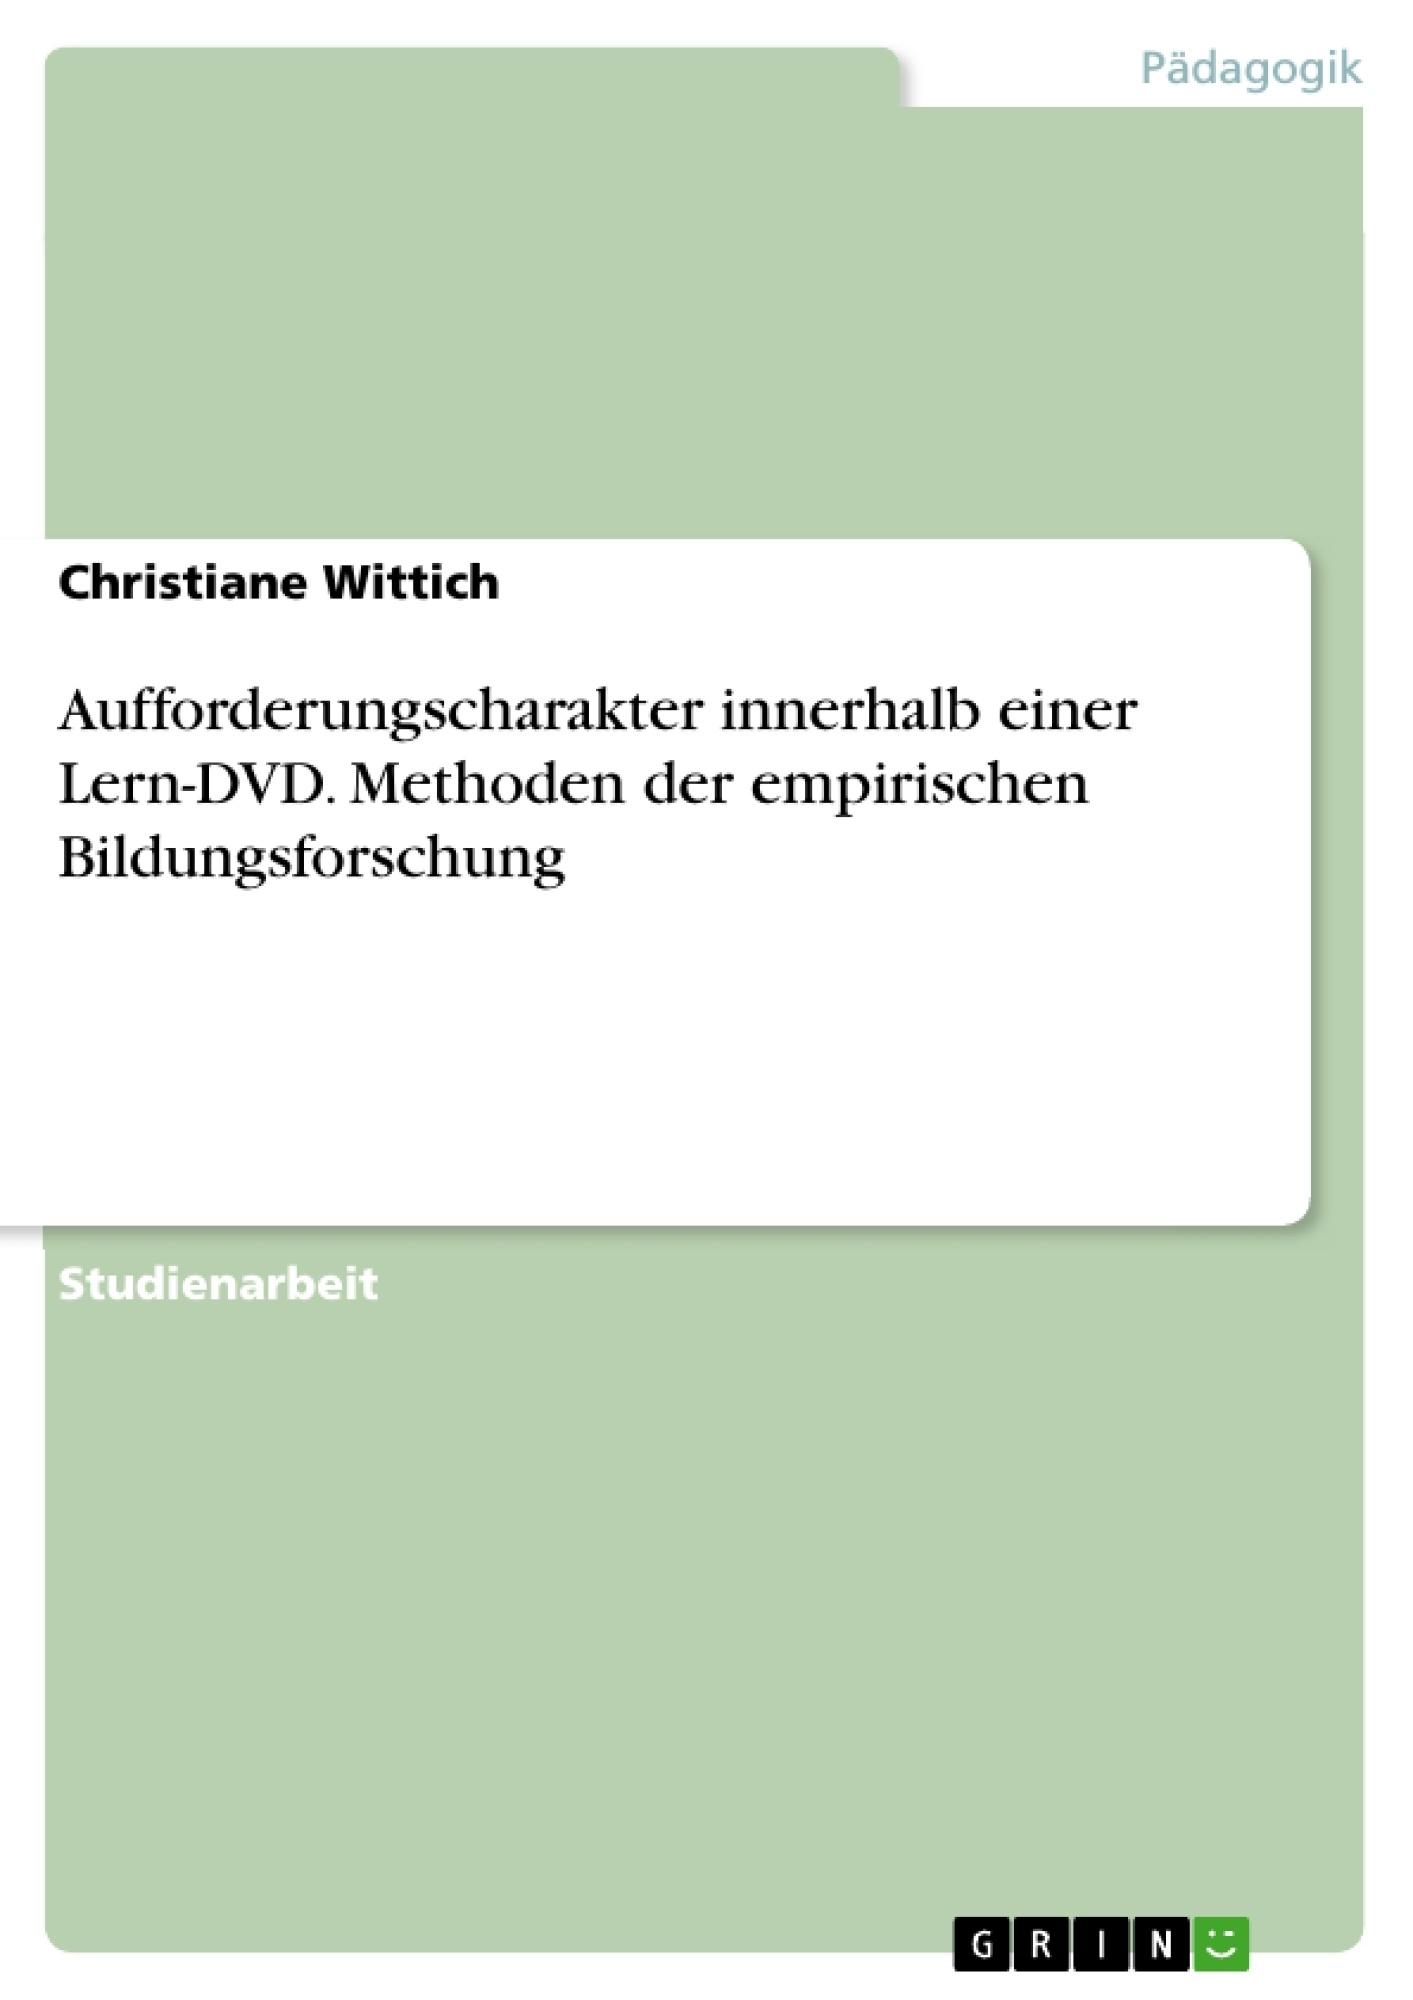 Titel: Aufforderungscharakter innerhalb einer Lern-DVD. Methoden der empirischen Bildungsforschung